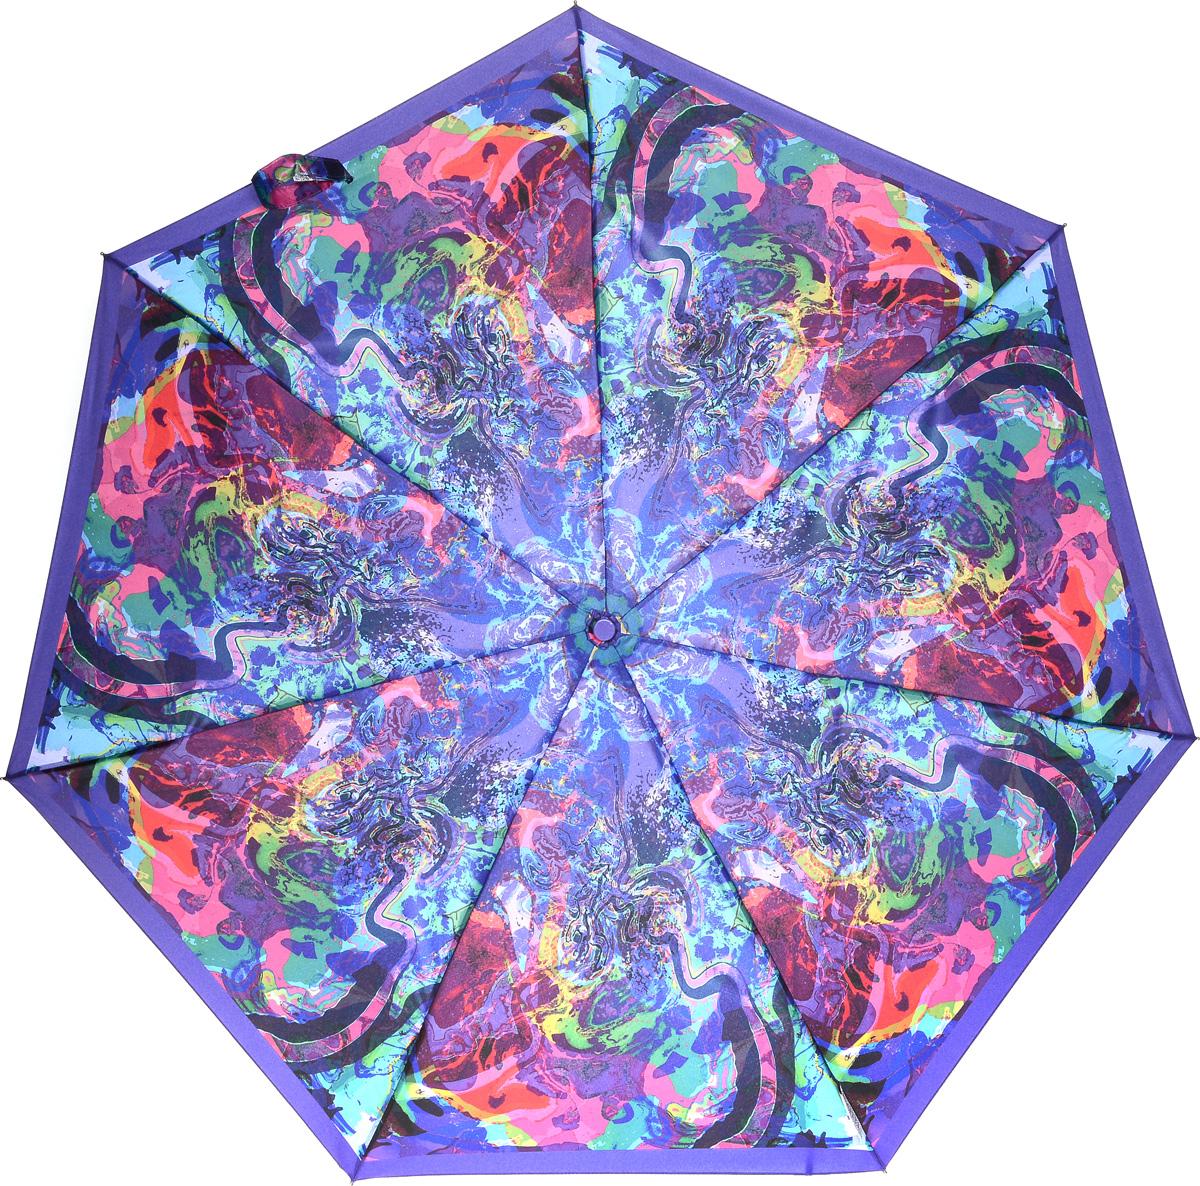 Bisetti 35153-3 Зонт полный автом. 3 сл. жен.35153-3Зонт испанского производителя Clima. В производстве зонтов используются современные материалы, что делает зонты легкими, но в то же время крепкими.Полный автомат, 3 сложения, 8 спиц по 54см, полиэстер.